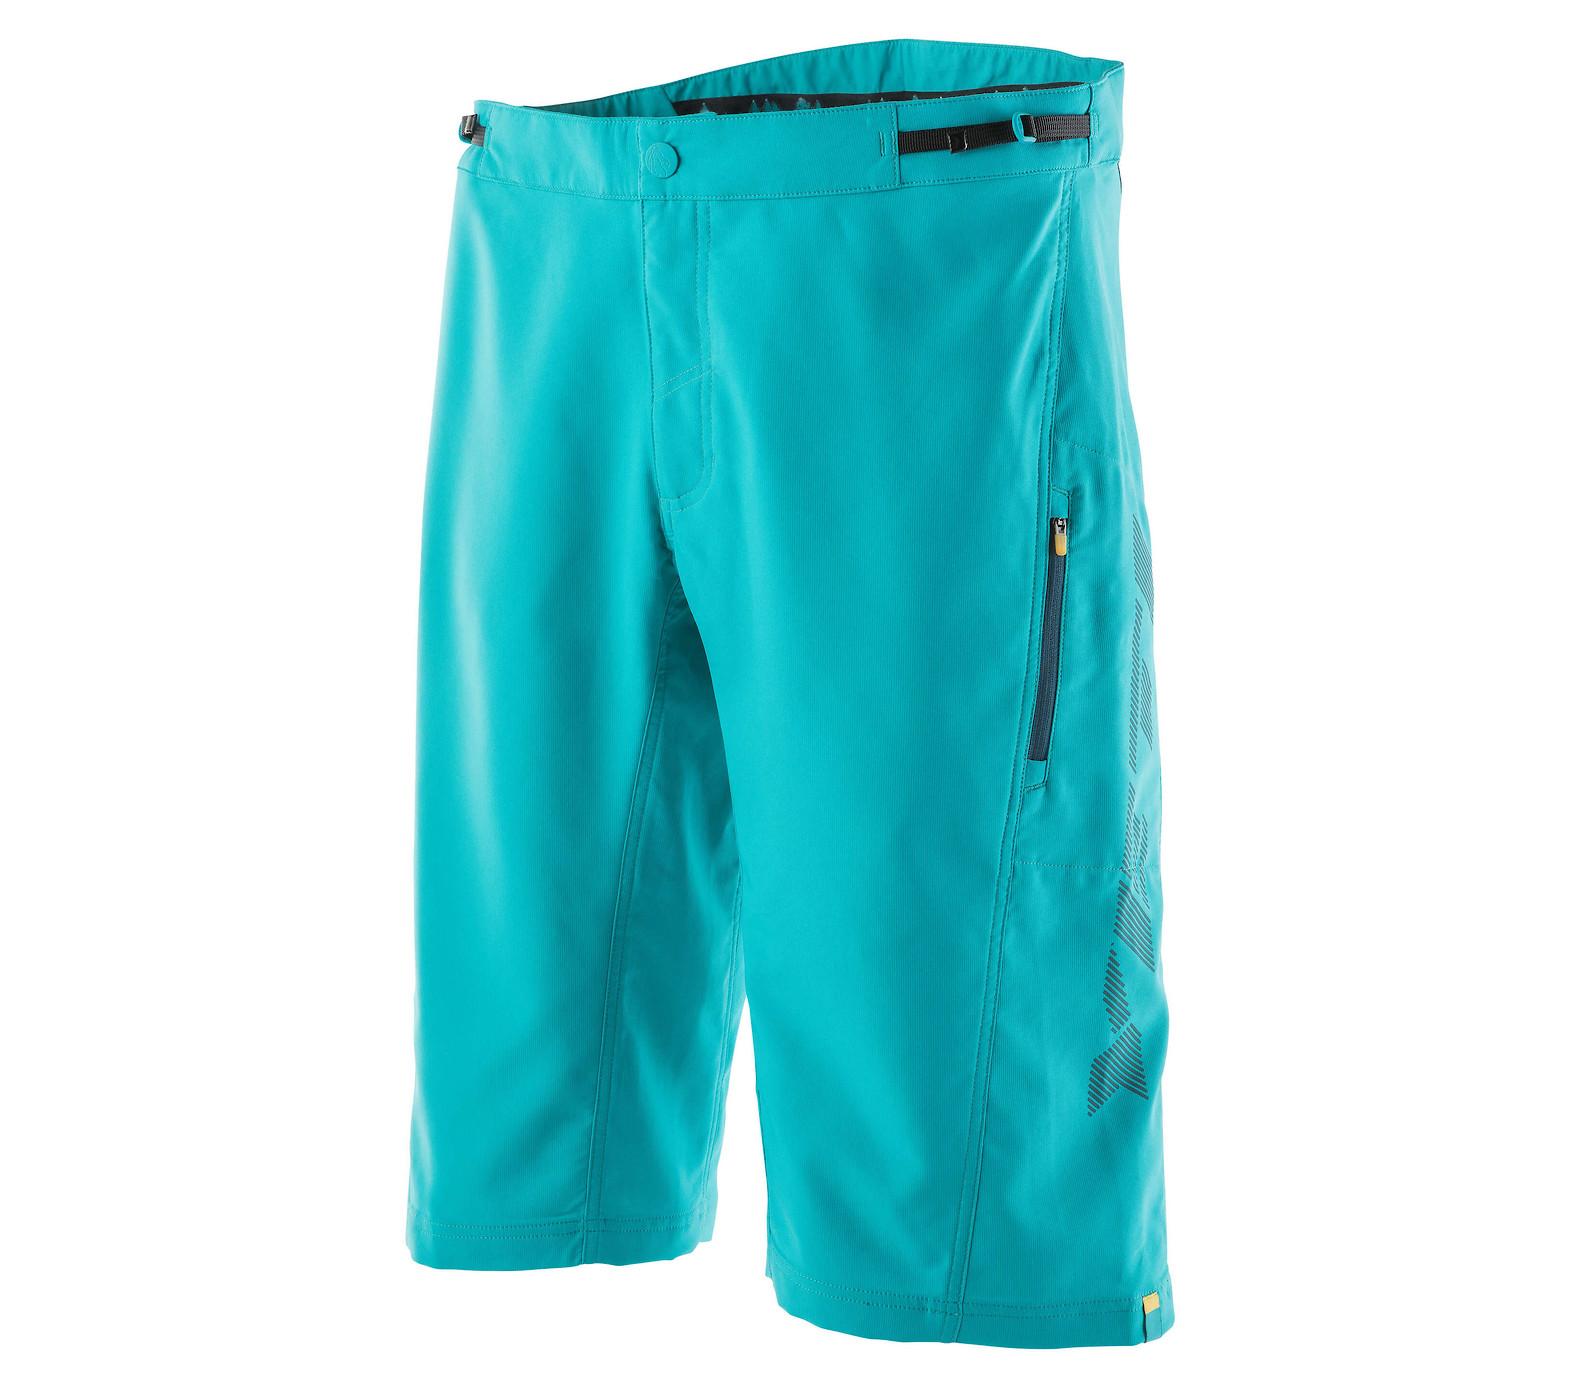 Yeti Cycles Enduro Shor (turquoise)